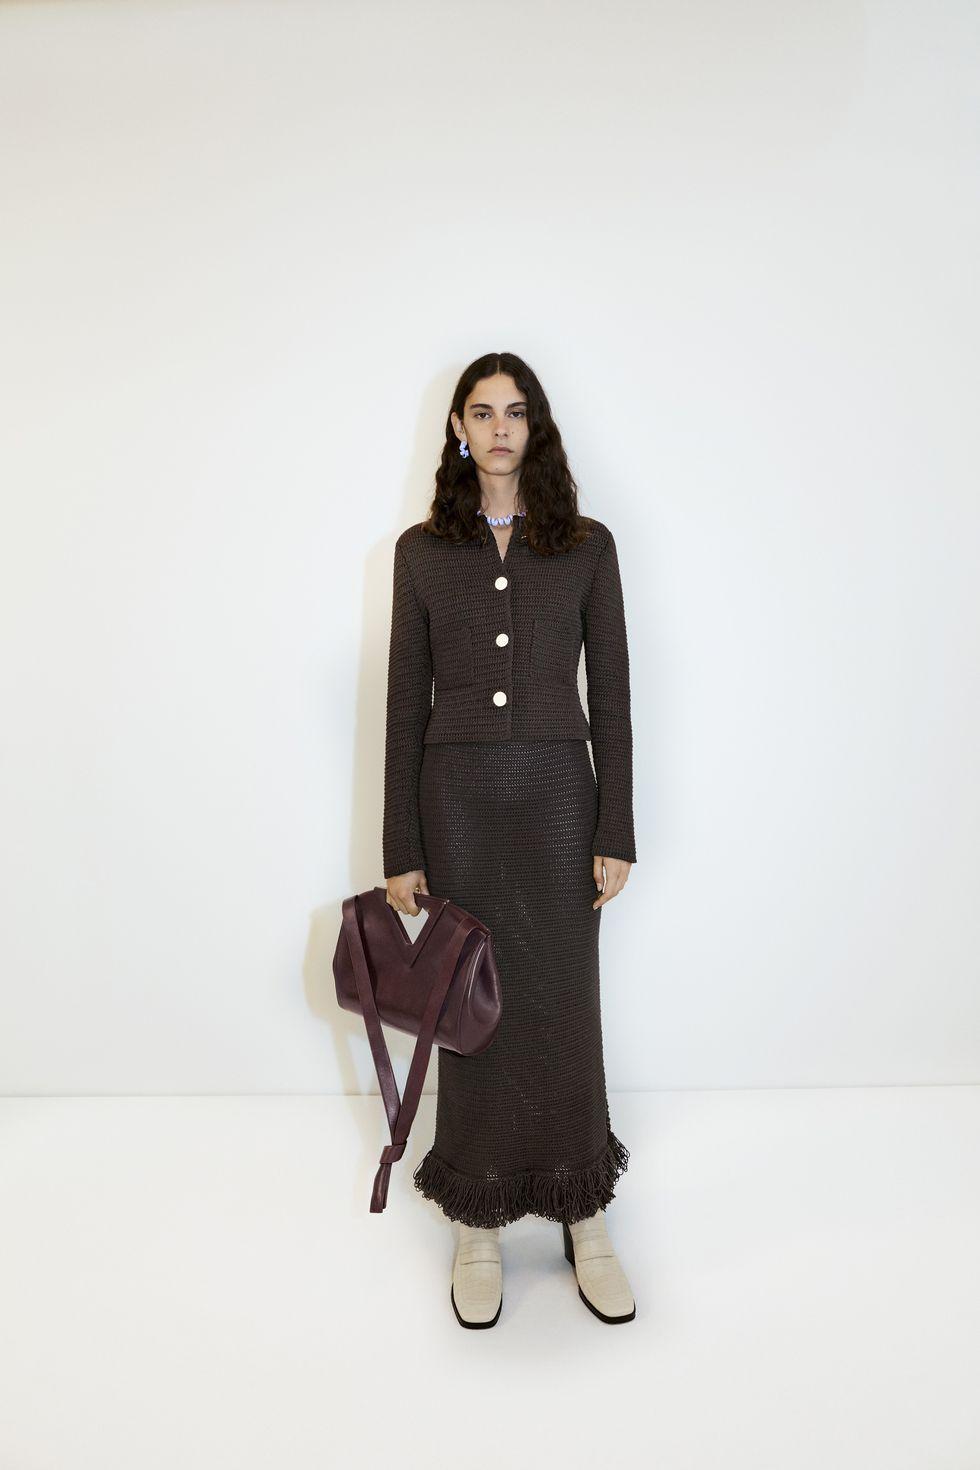 Модель в коричневом костюме с длинной юбкой, мягкая сумка и бежевые сапоги